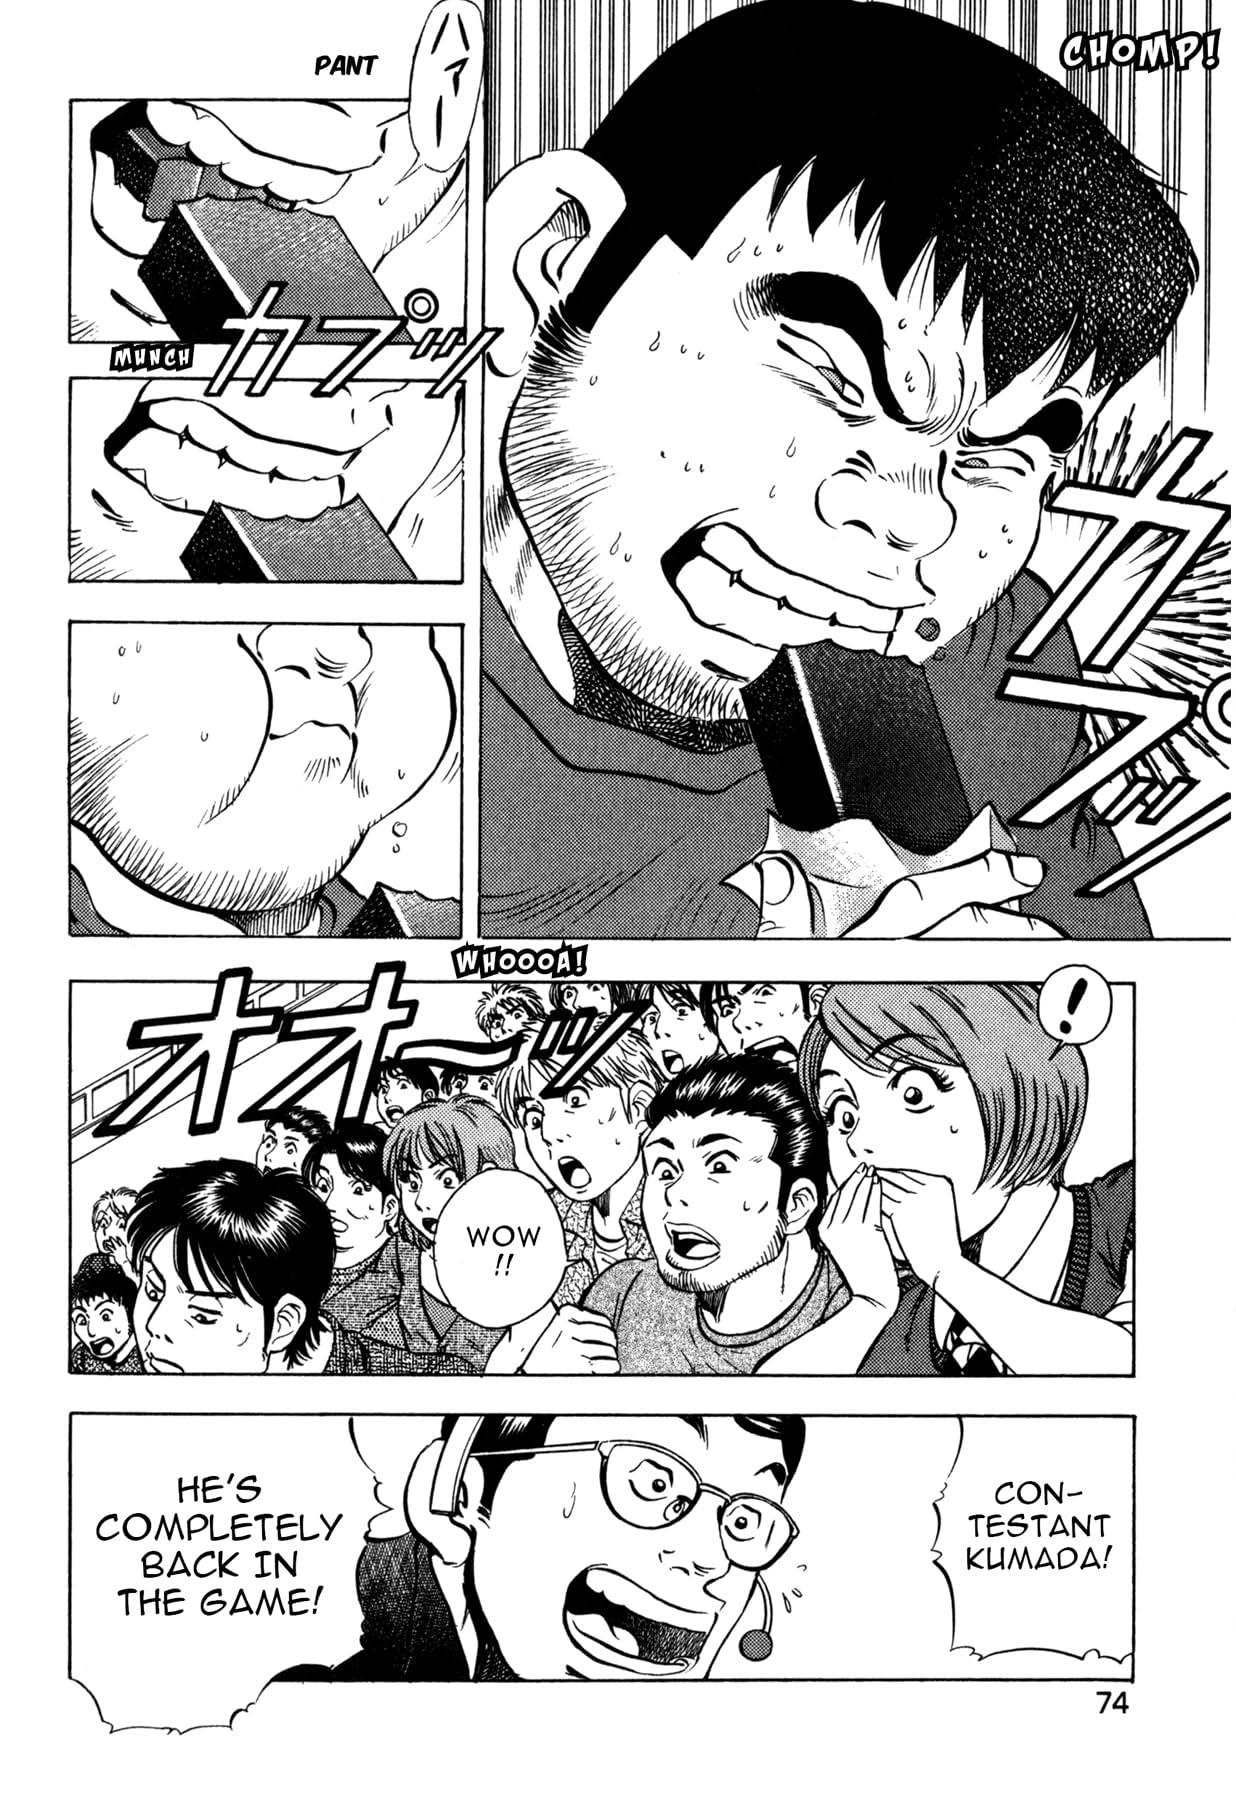 Kuishinbo! #104